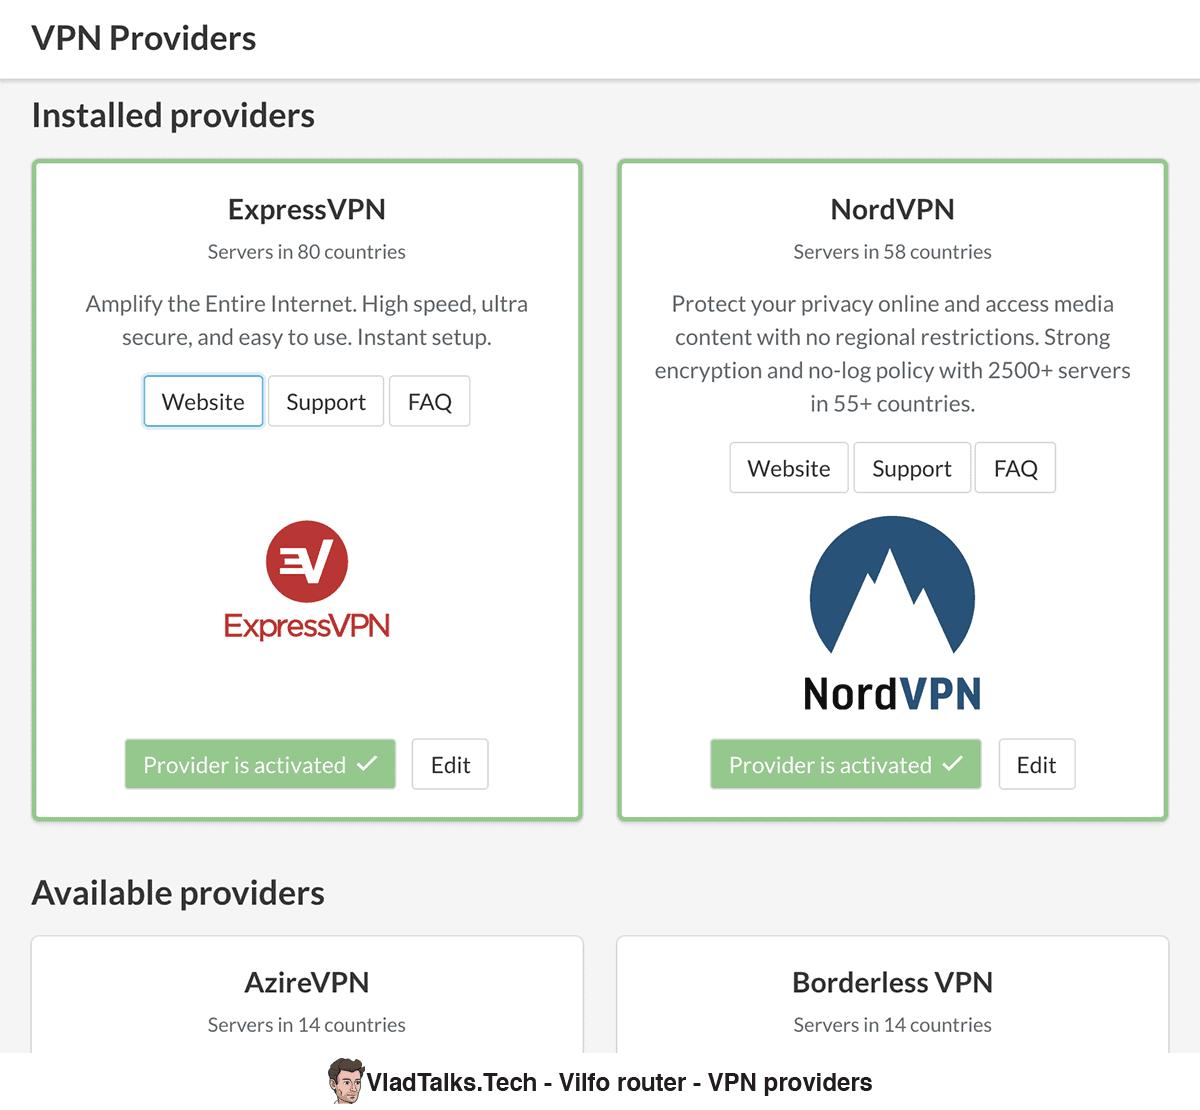 Vilfo router - Installed VPN providers